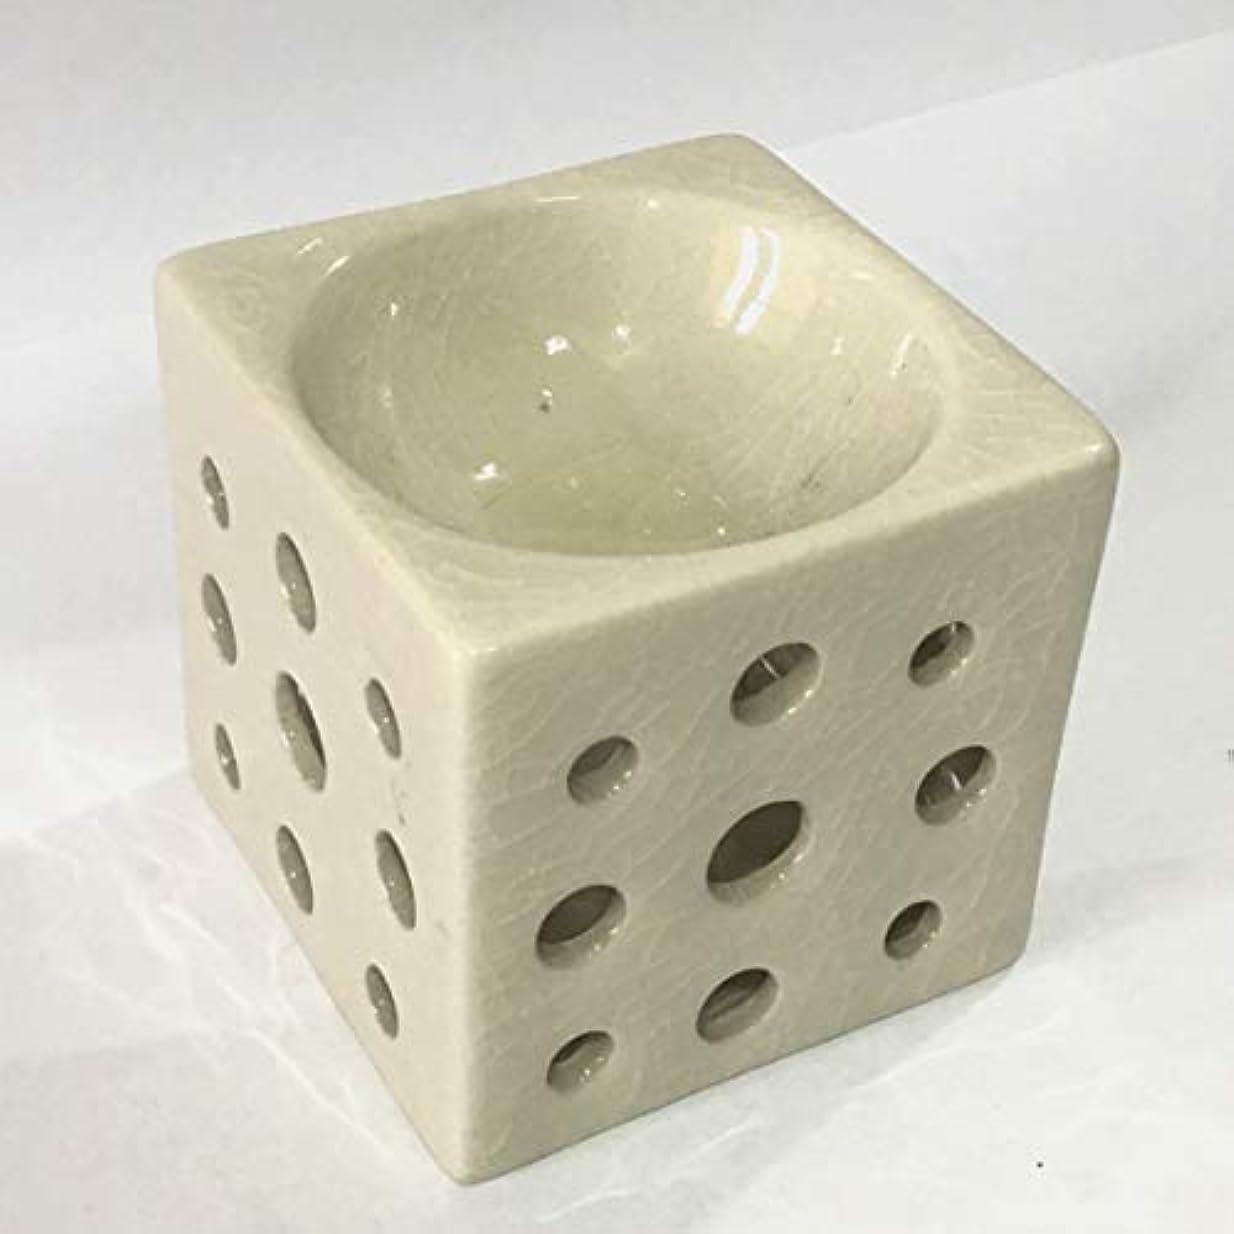 あなたのもの王子バリケードアロマポット 角型(白) 香炉 陶器 アロマ炉 キャンドル式 オイルバーナー